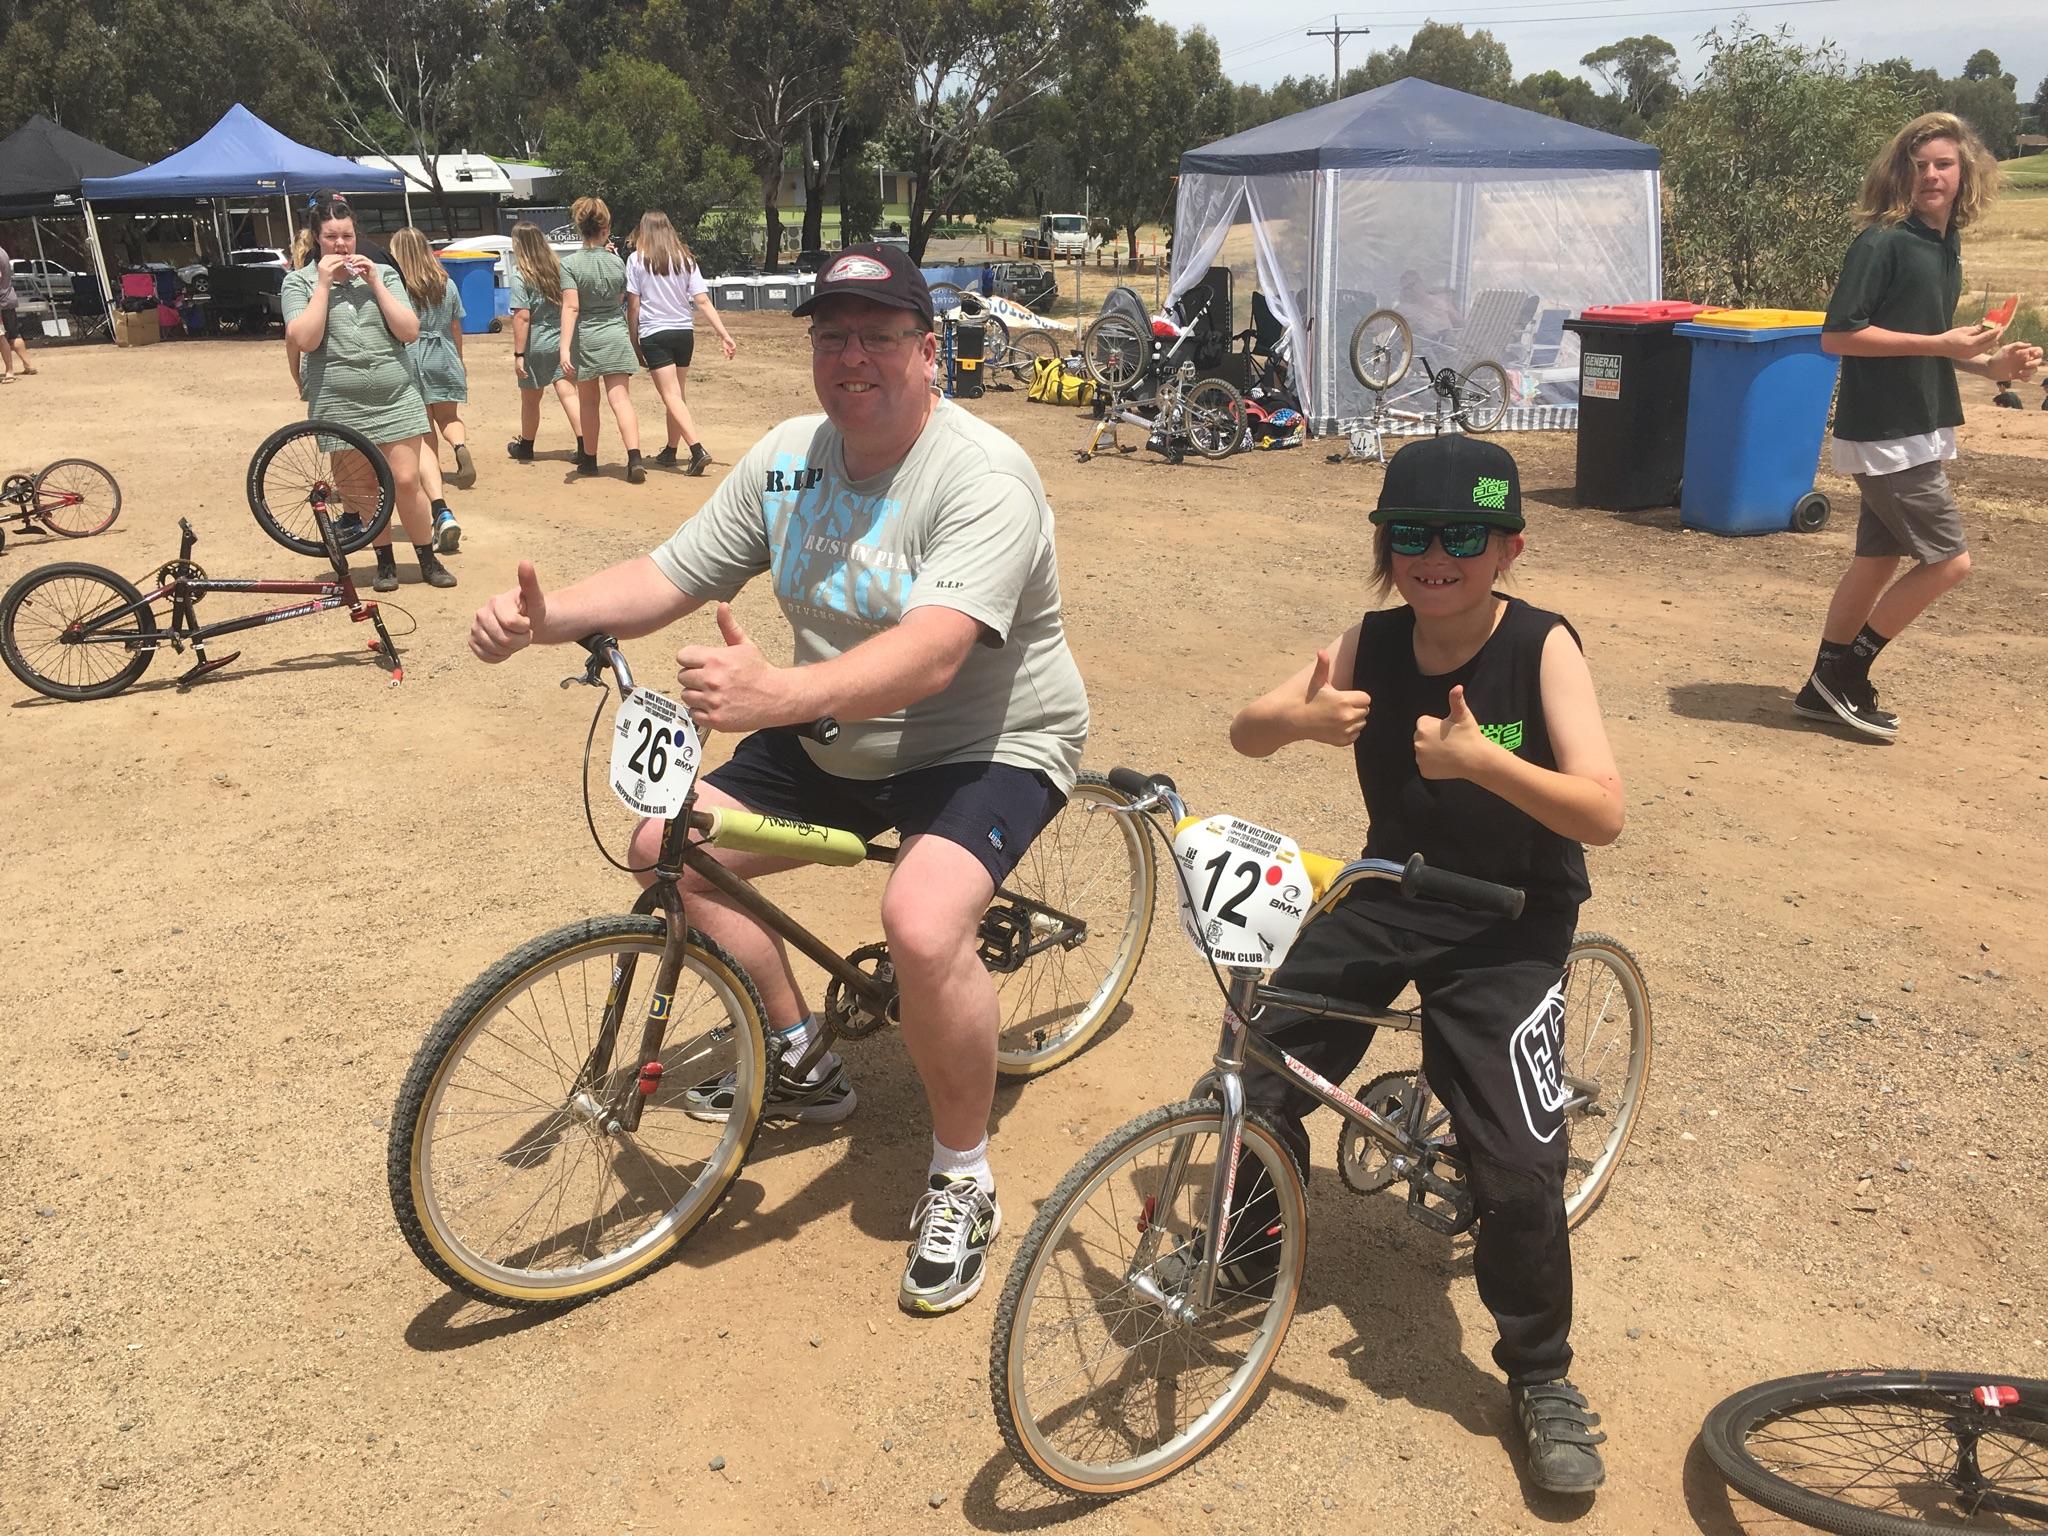 Vortex race bikes